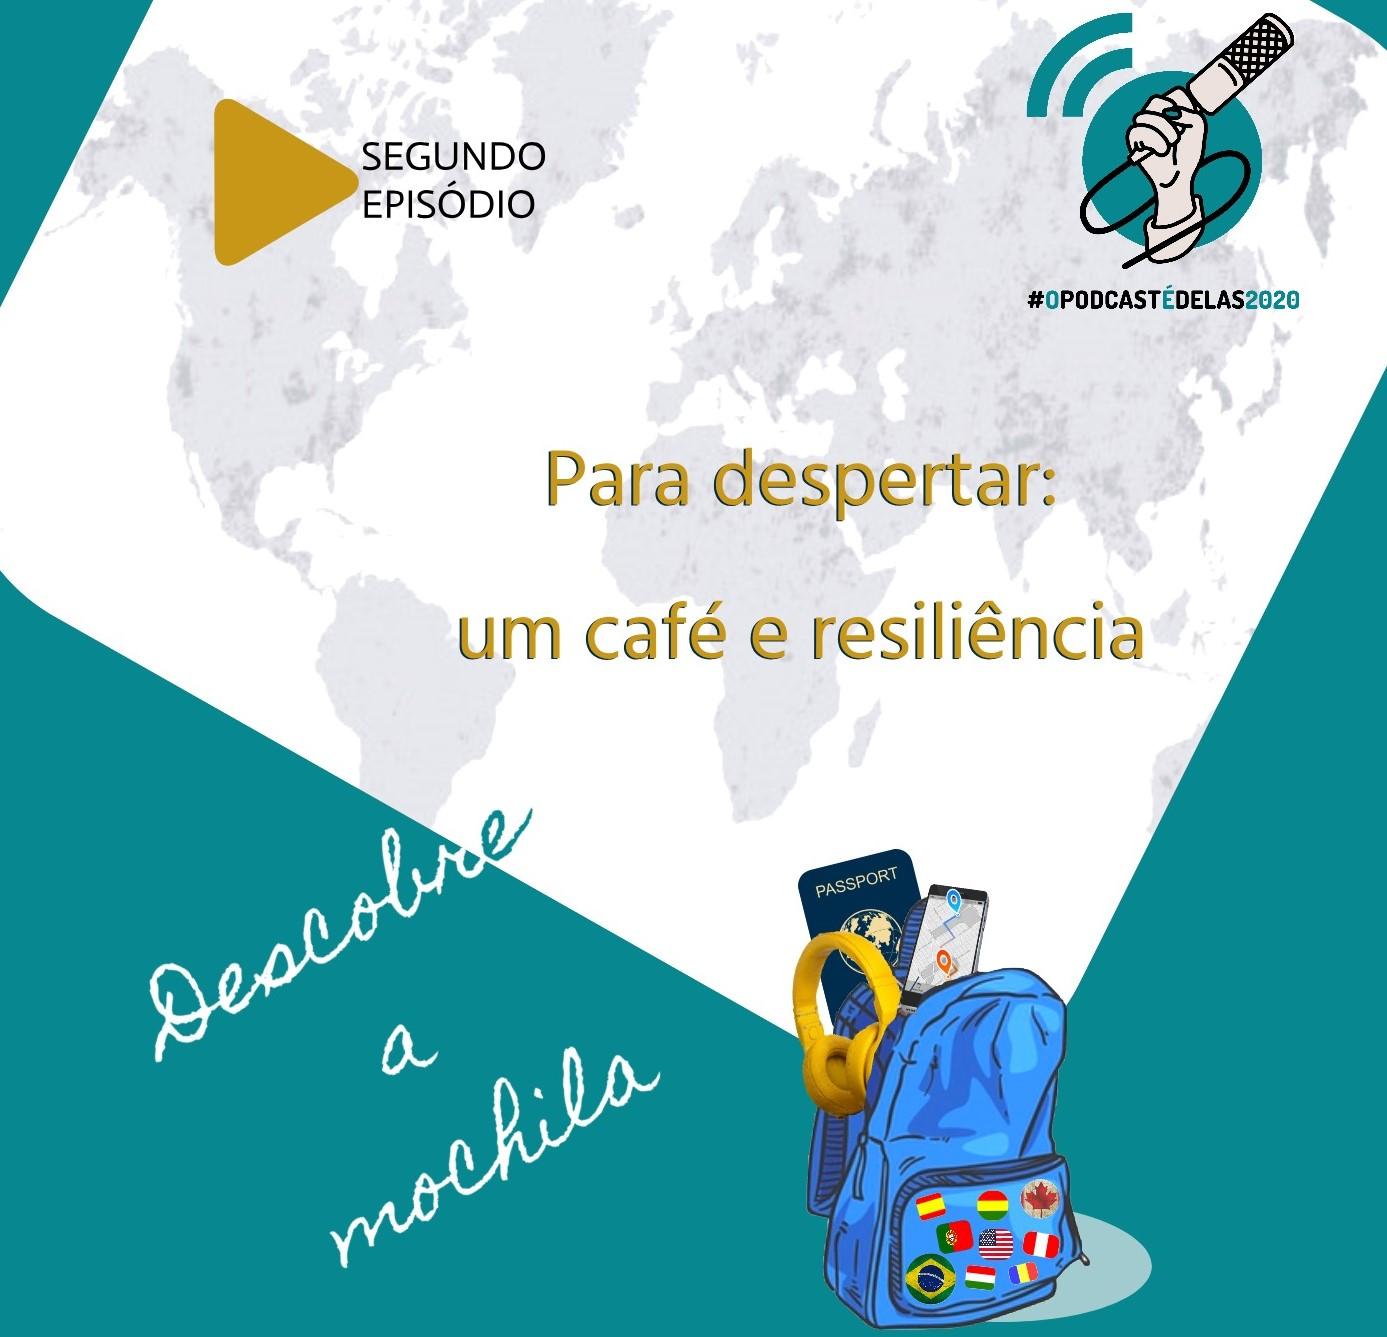 capasegundoepi - Juliana Nair Santos Silva